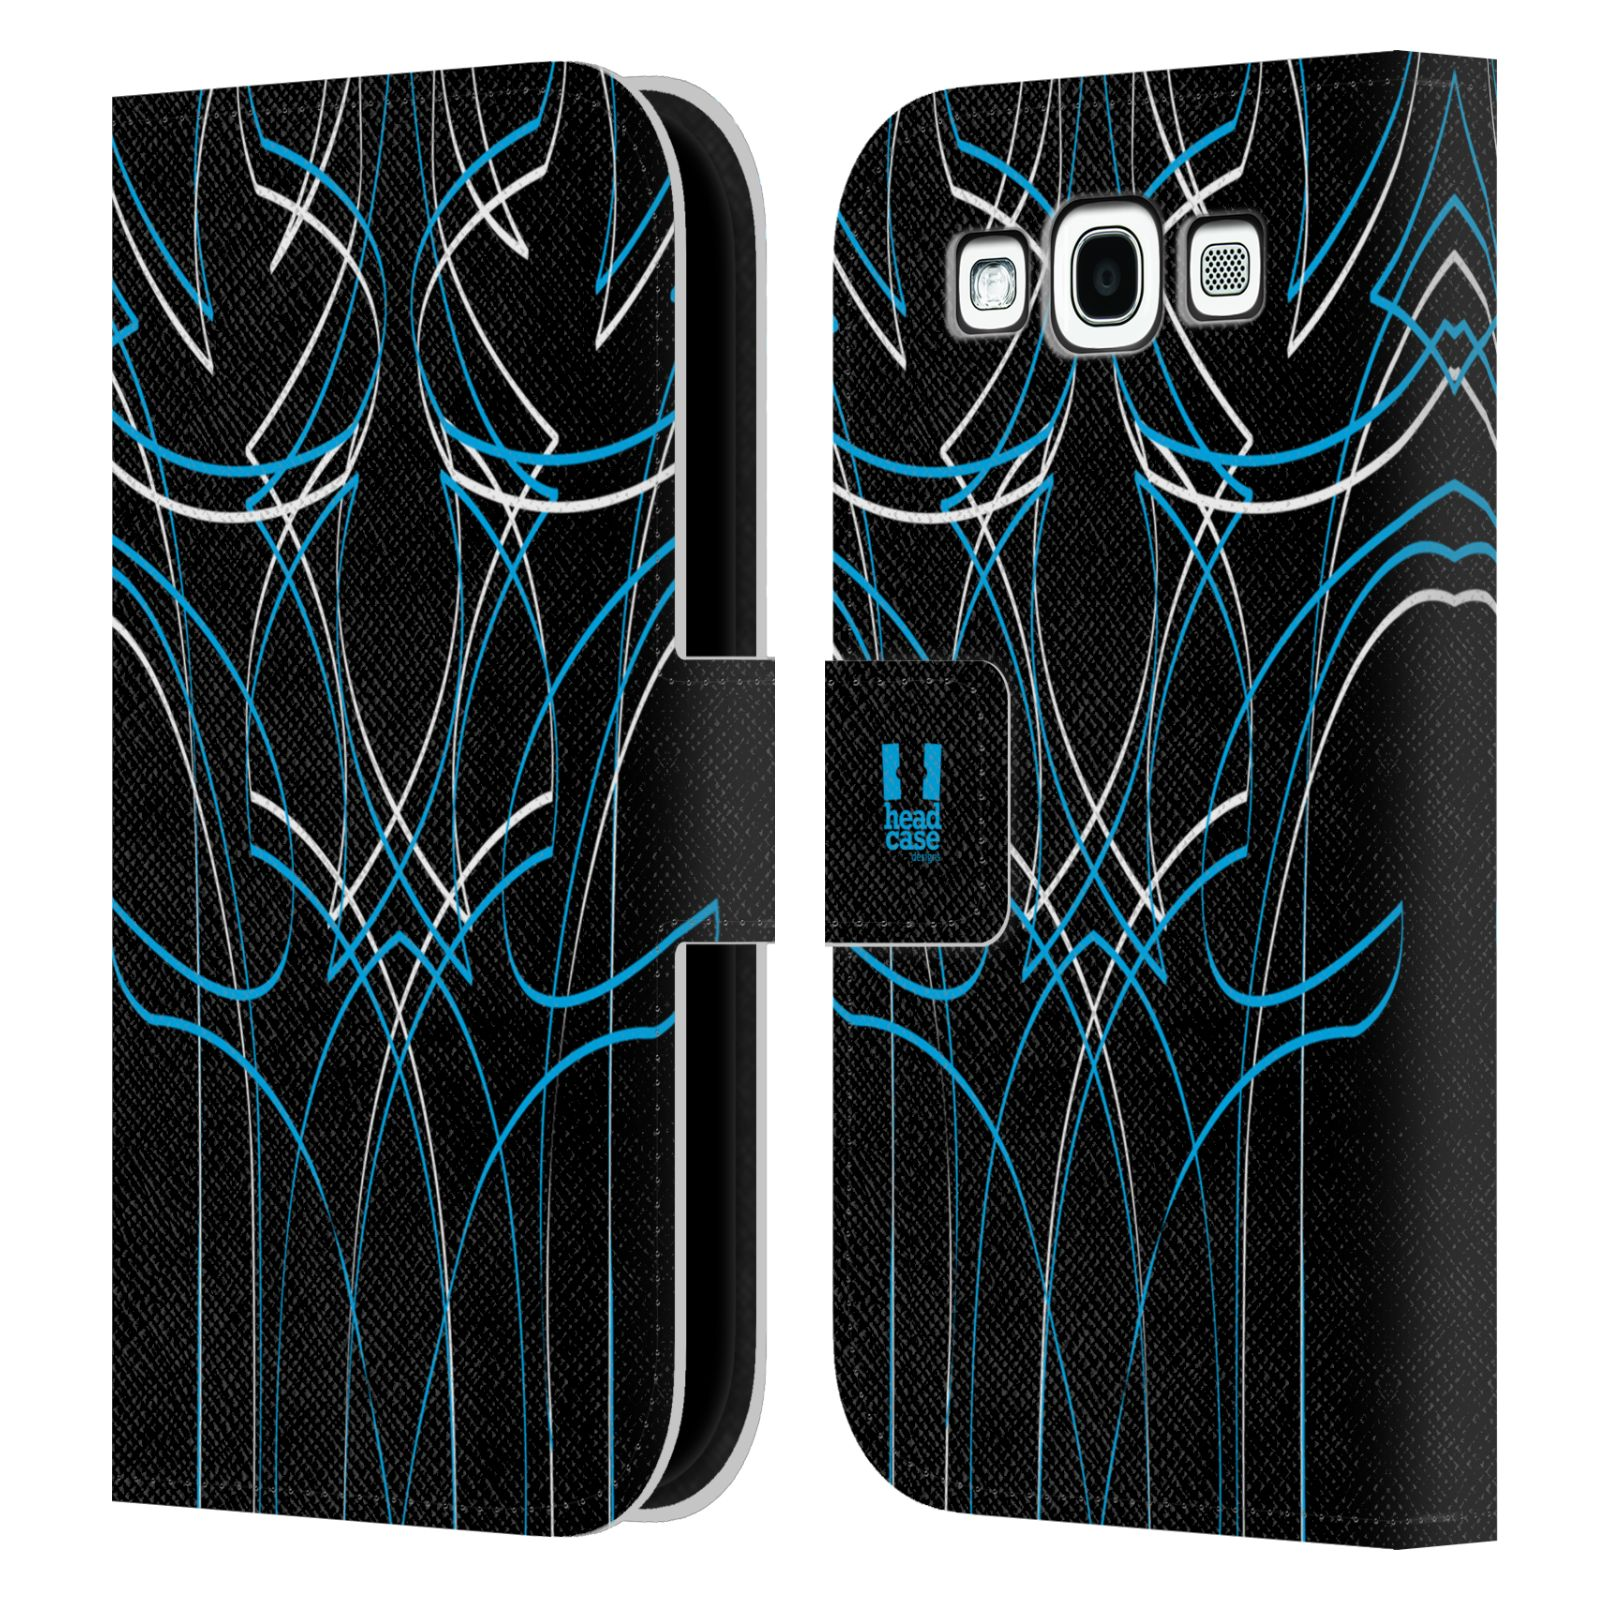 HEAD CASE Flipové pouzdro pro mobil Samsung Galaxy S3 barevné proužky tvary modrá